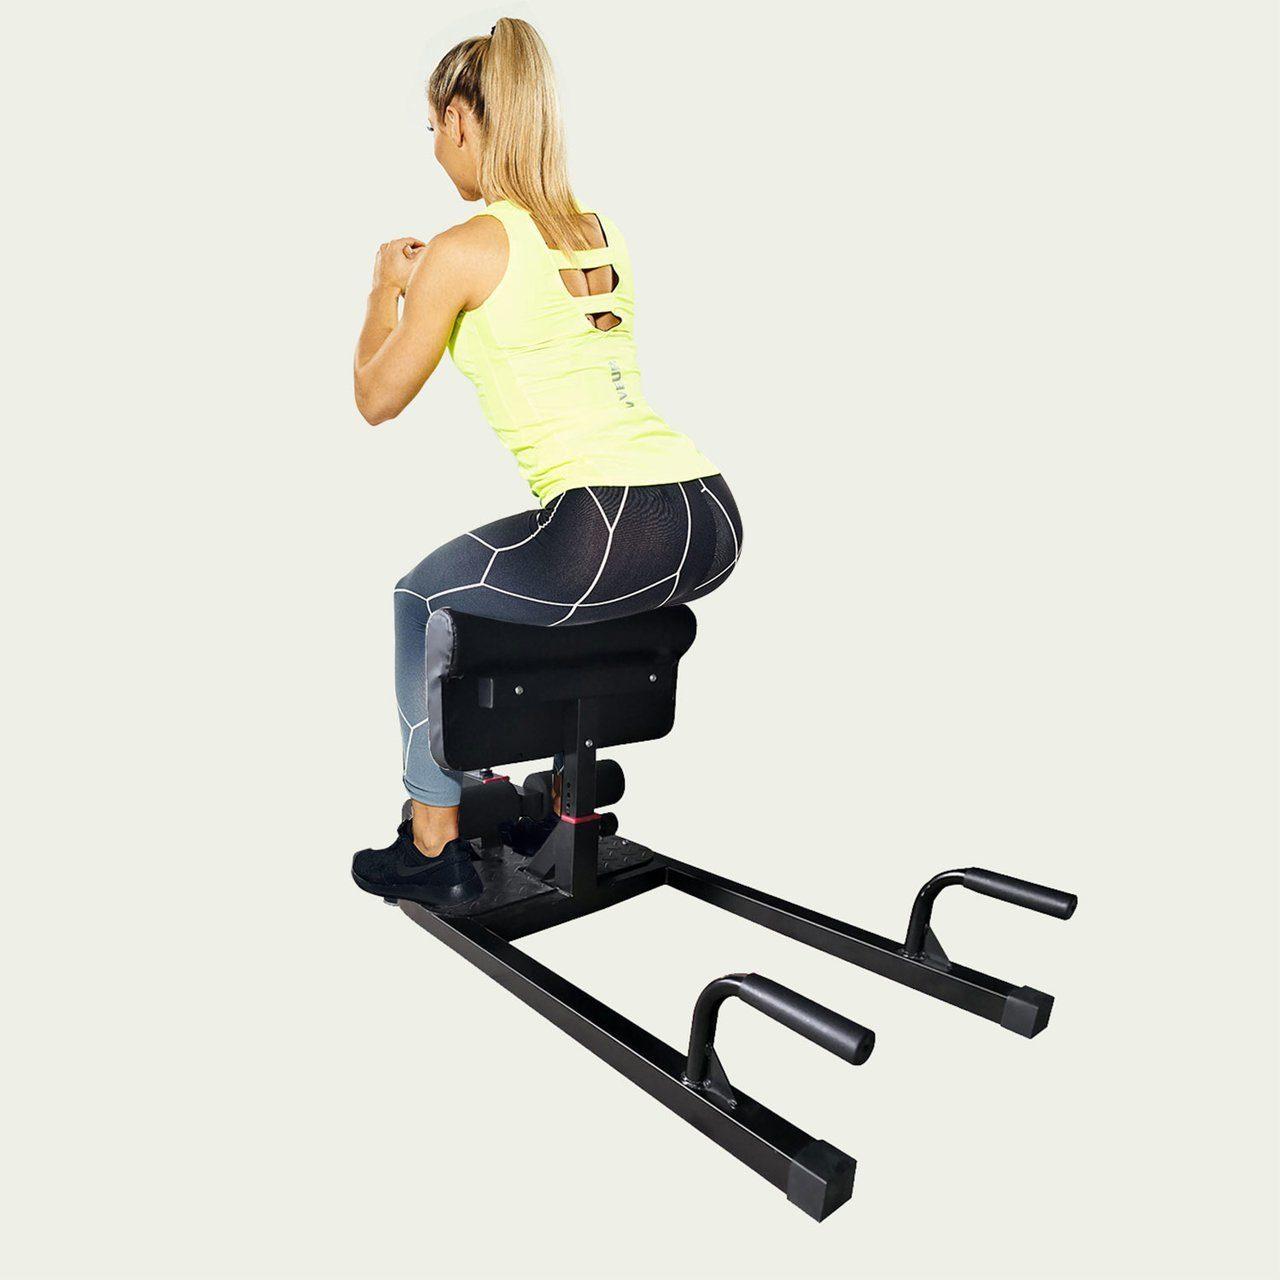 Сиси приседания: упражнение для тренировки квадрицепса, правильная техника выполнения, рекомендации, корректировки и практические советы по применению сиси приседаний во время своих тренировок ног